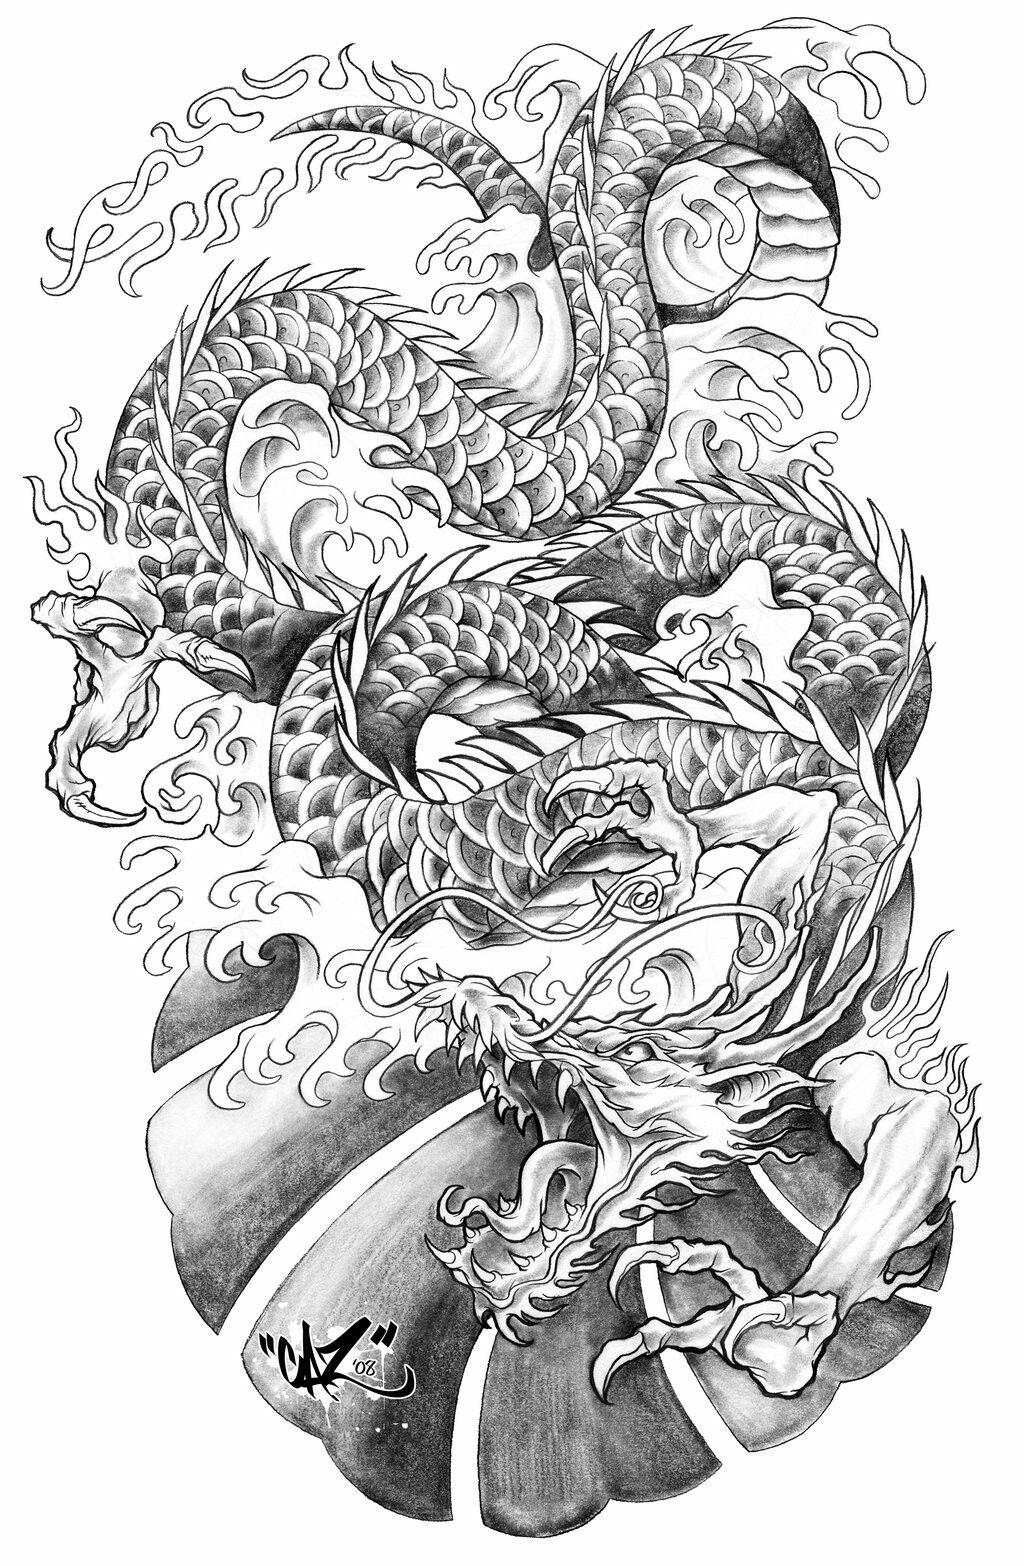 bildergebnis f r dragon tattoo vorlagen tattoo drachen. Black Bedroom Furniture Sets. Home Design Ideas